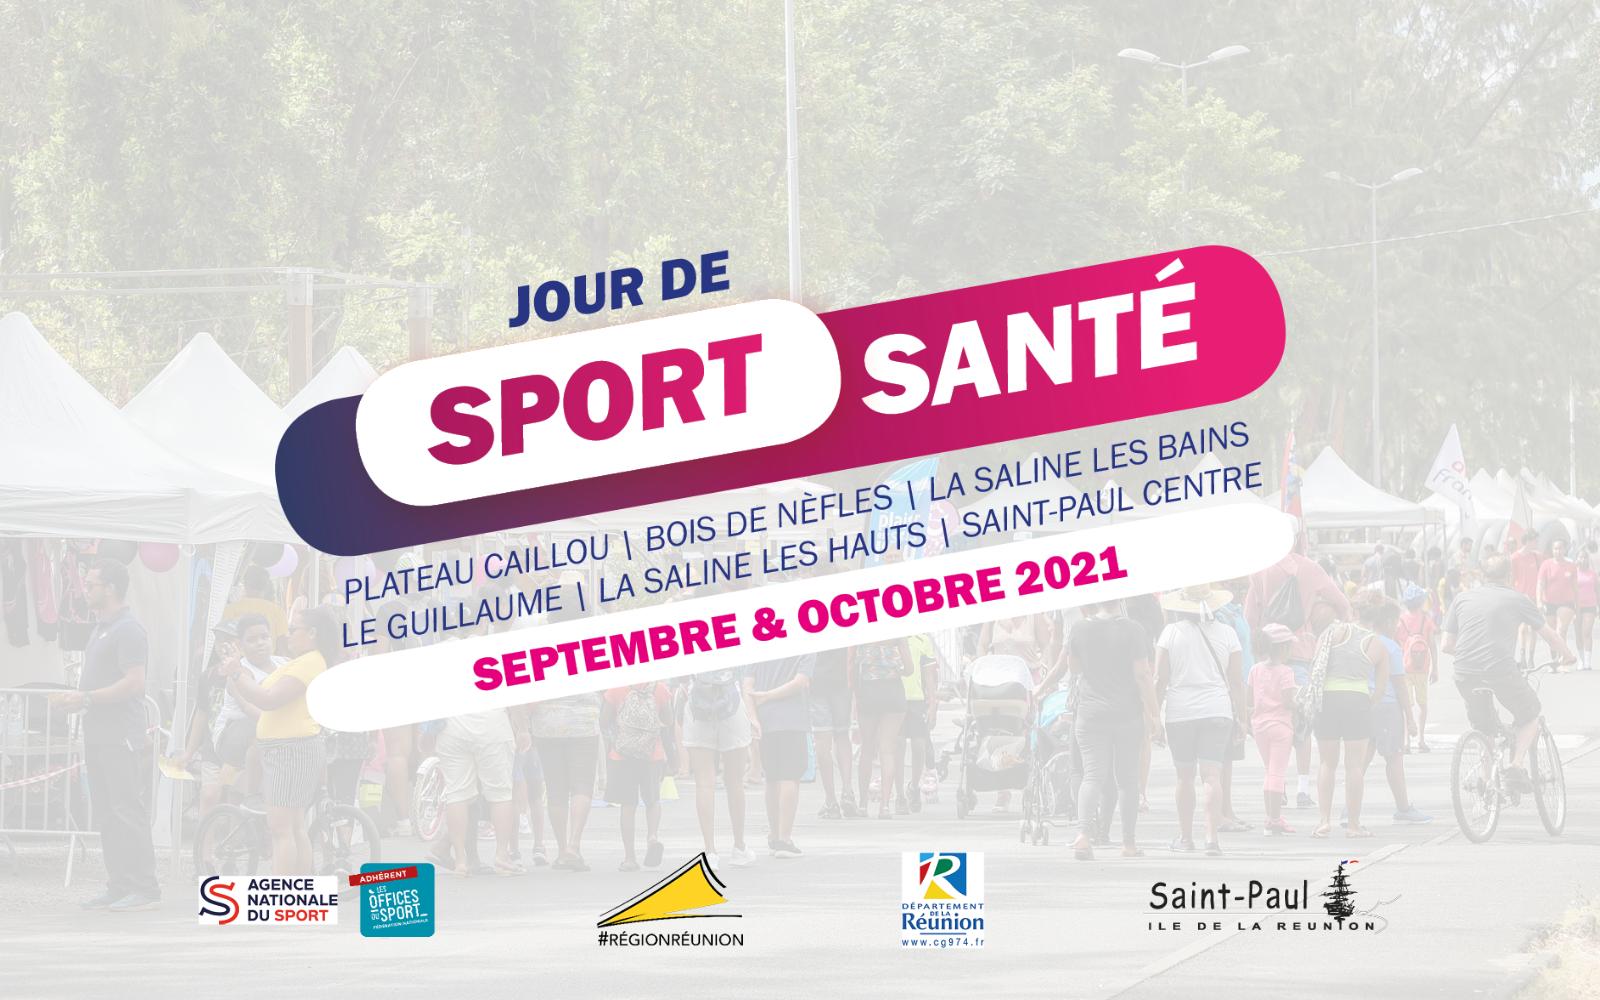 Jour de Sport Santé 2021